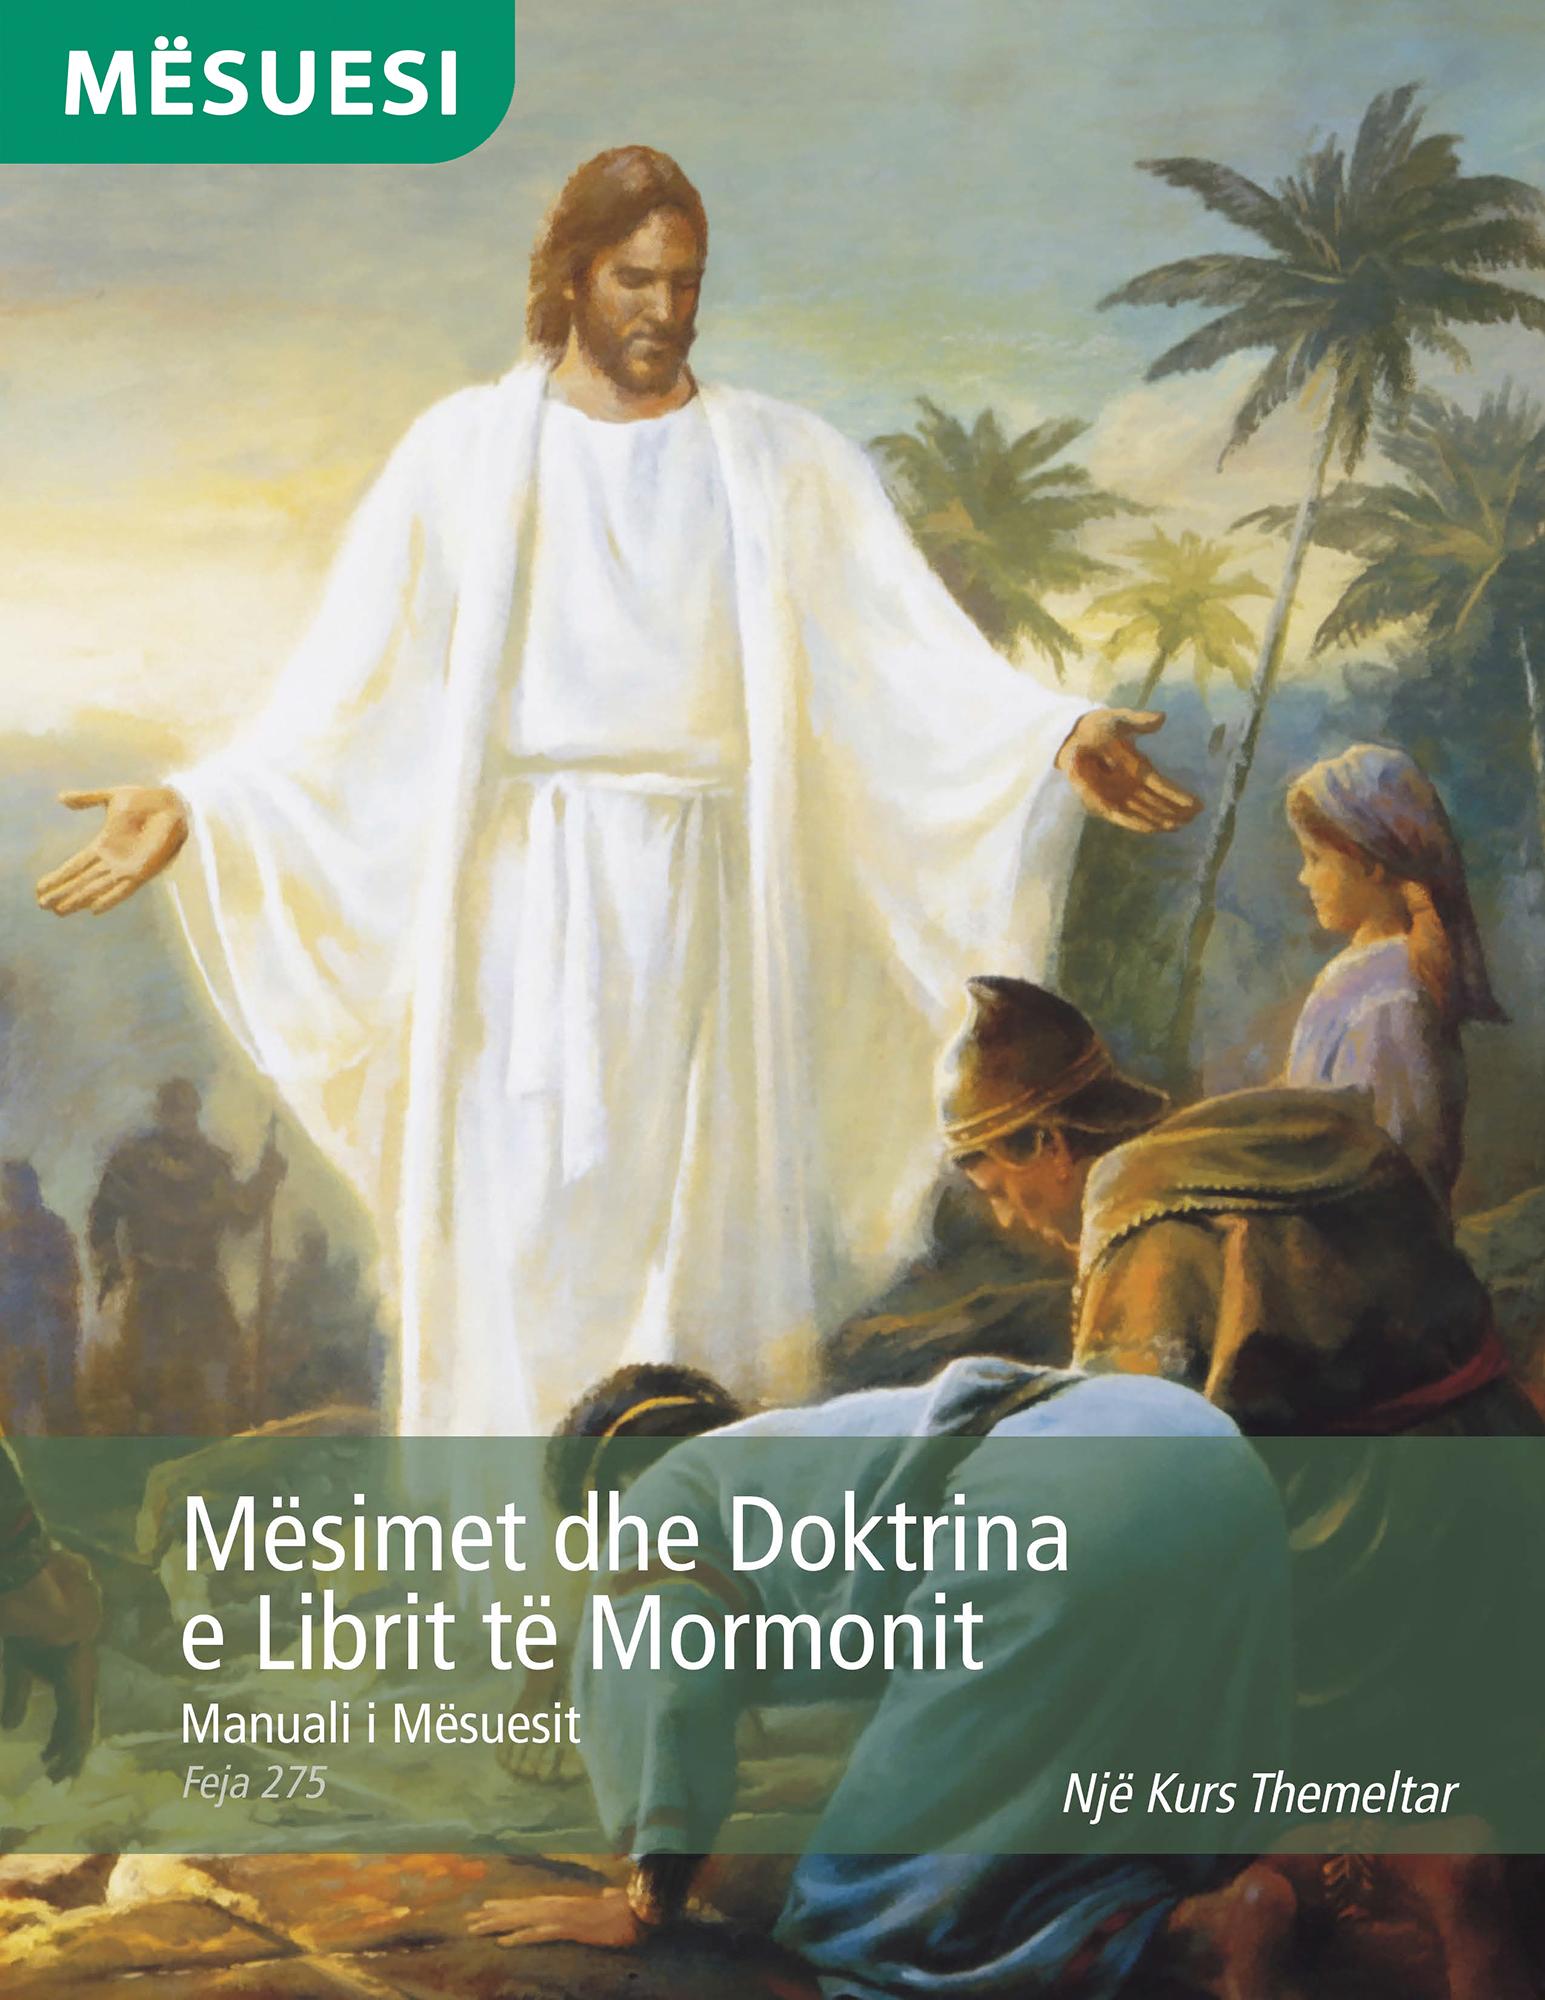 Mësimet dhe Doktrina e Librit të Mormonit – Manuali i Mësuesit (Feja 275)